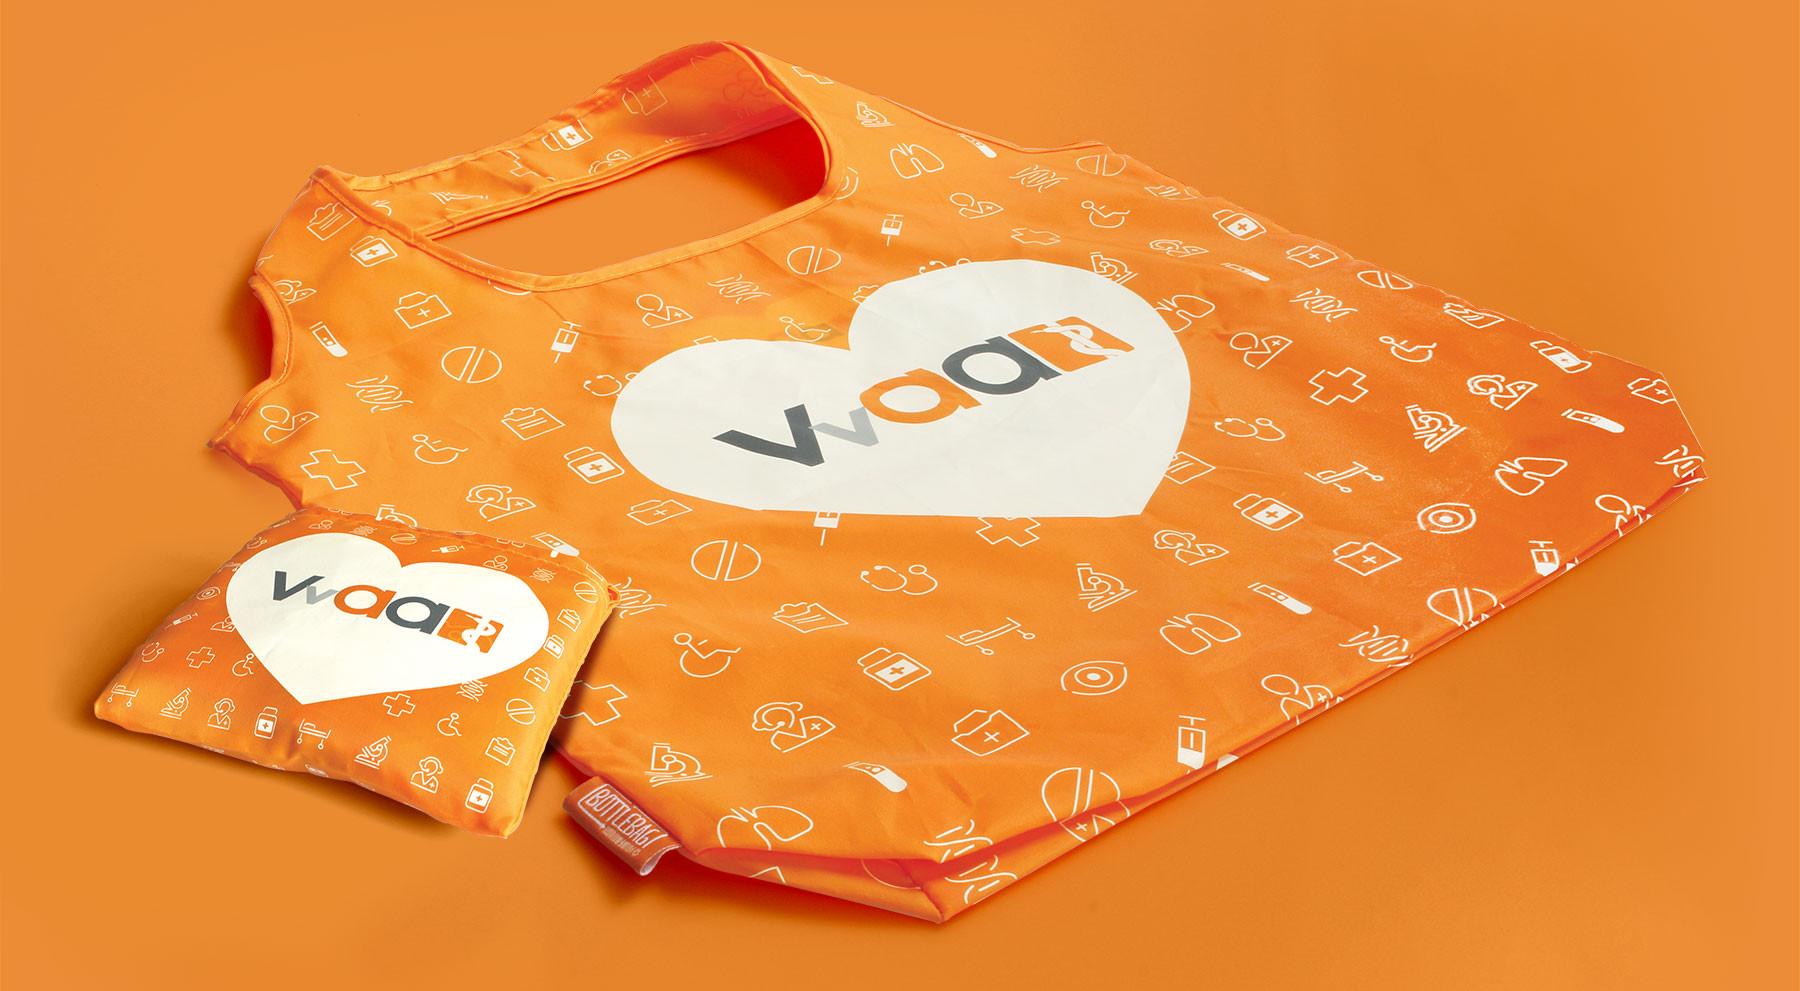 VvAa-Bottlebag-liggend.jpg